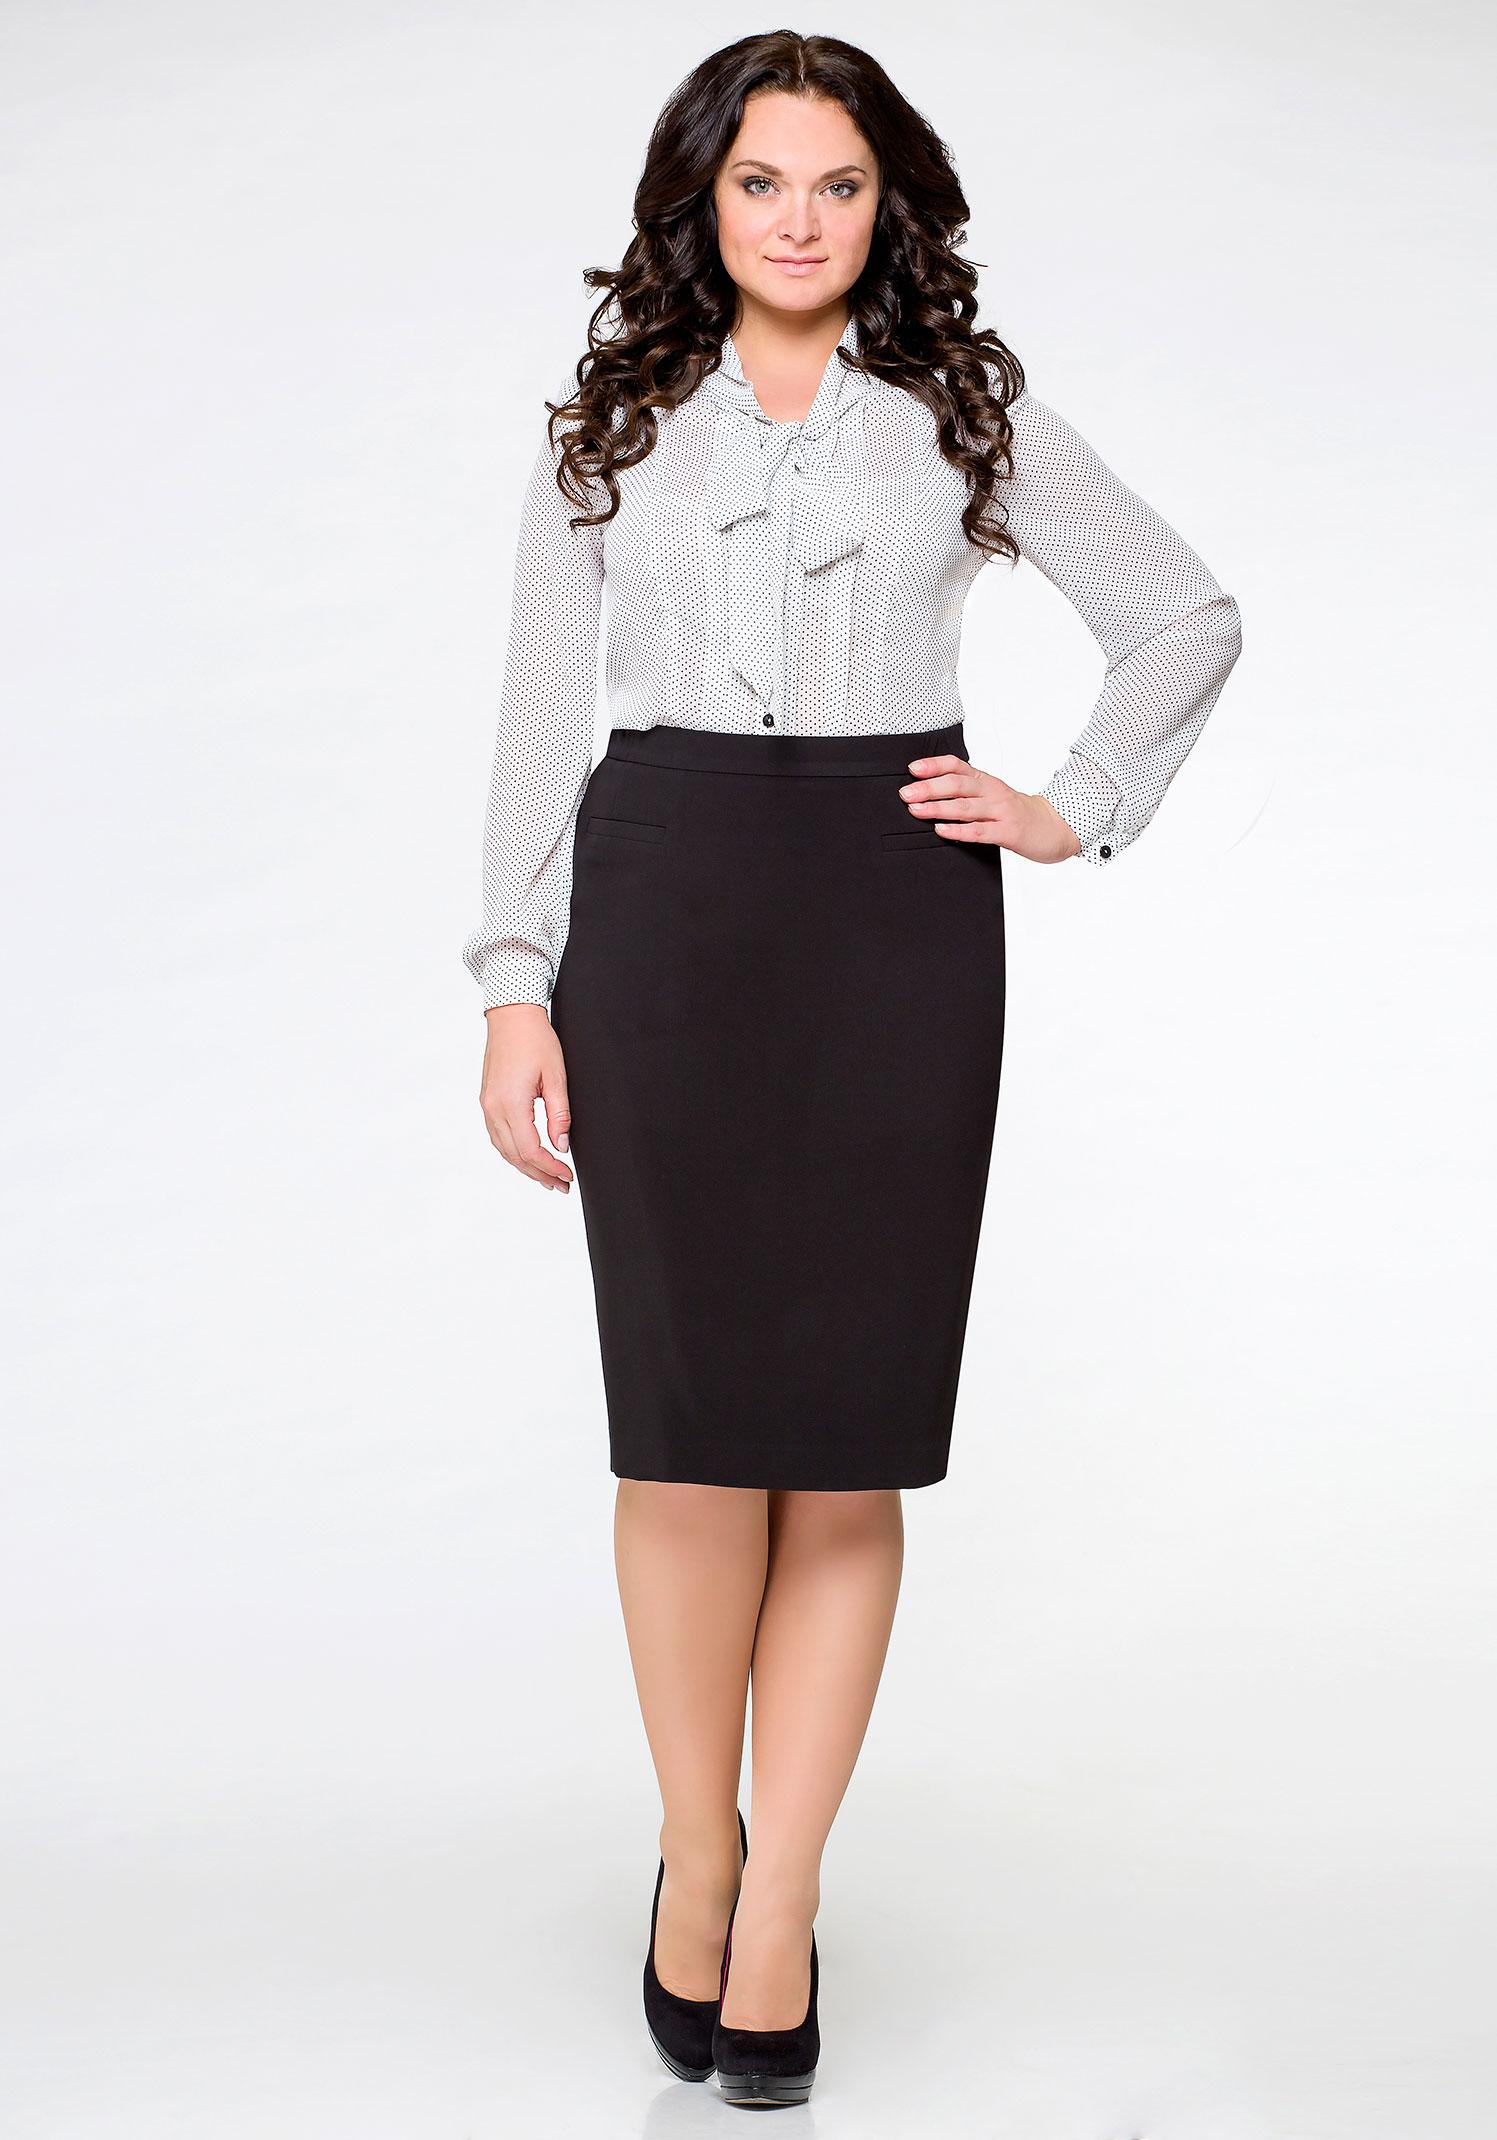 Женская блузка. Модель 307440